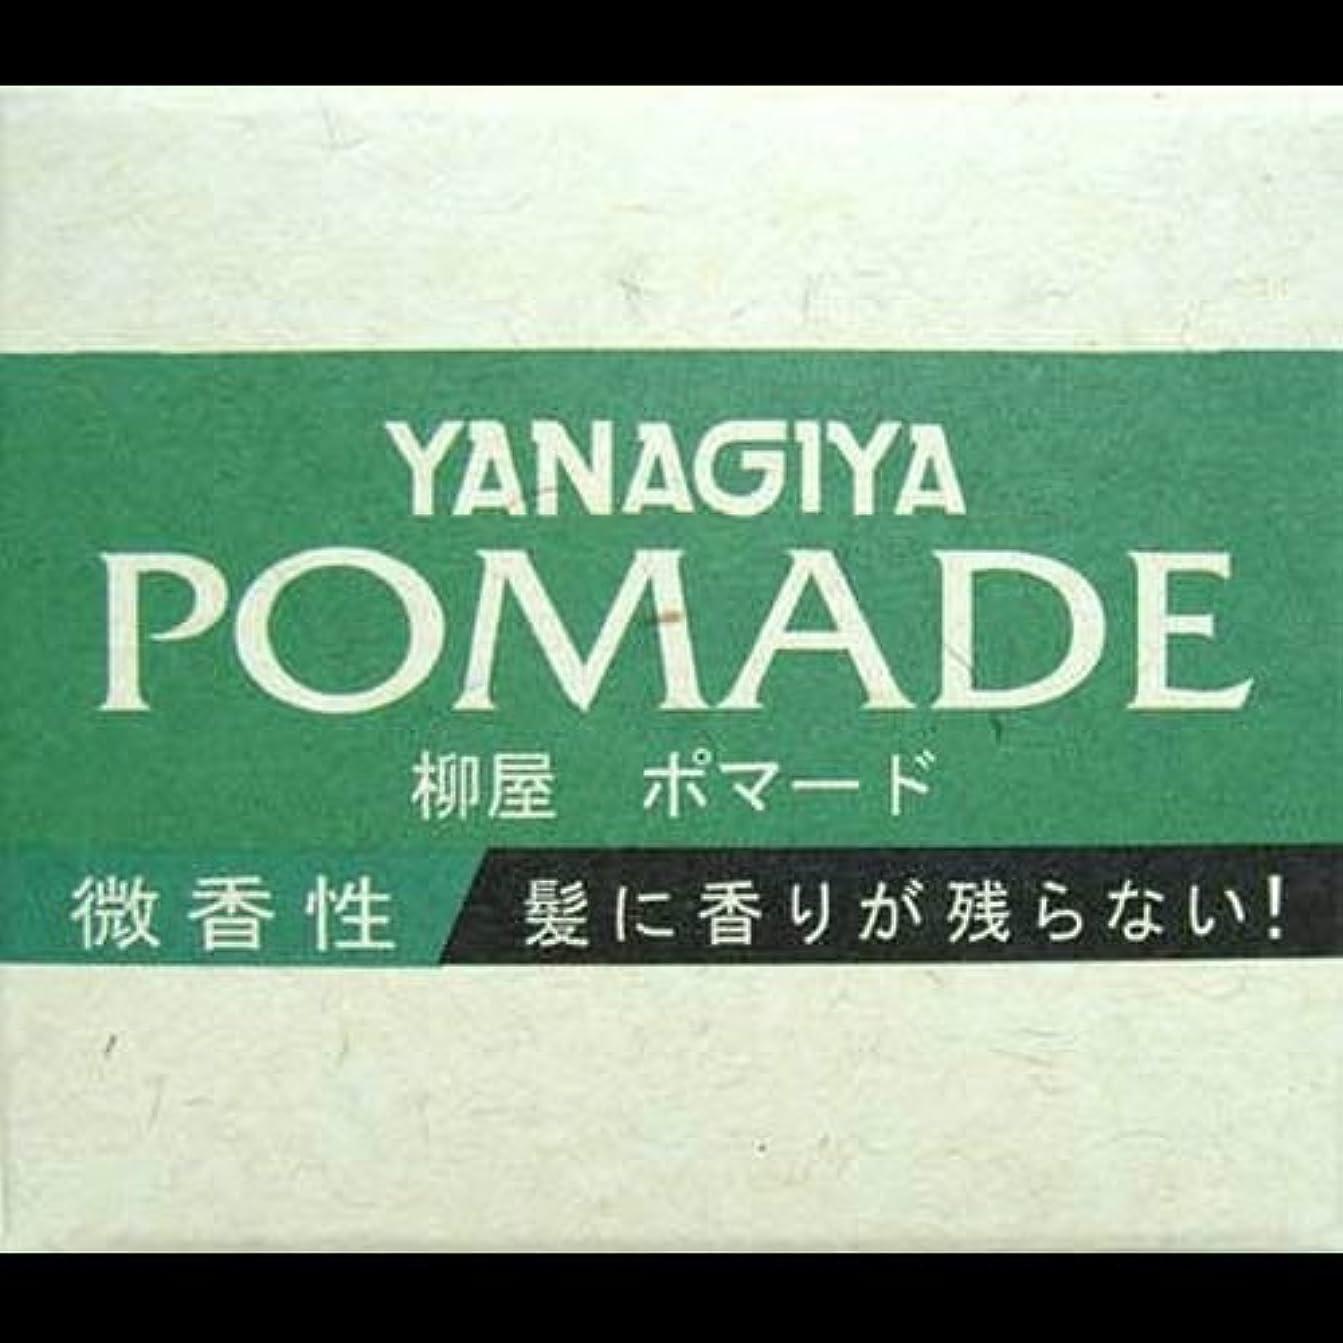 ダンスホイスト隠す【まとめ買い】柳屋 ポマード微香性120g ×2セット